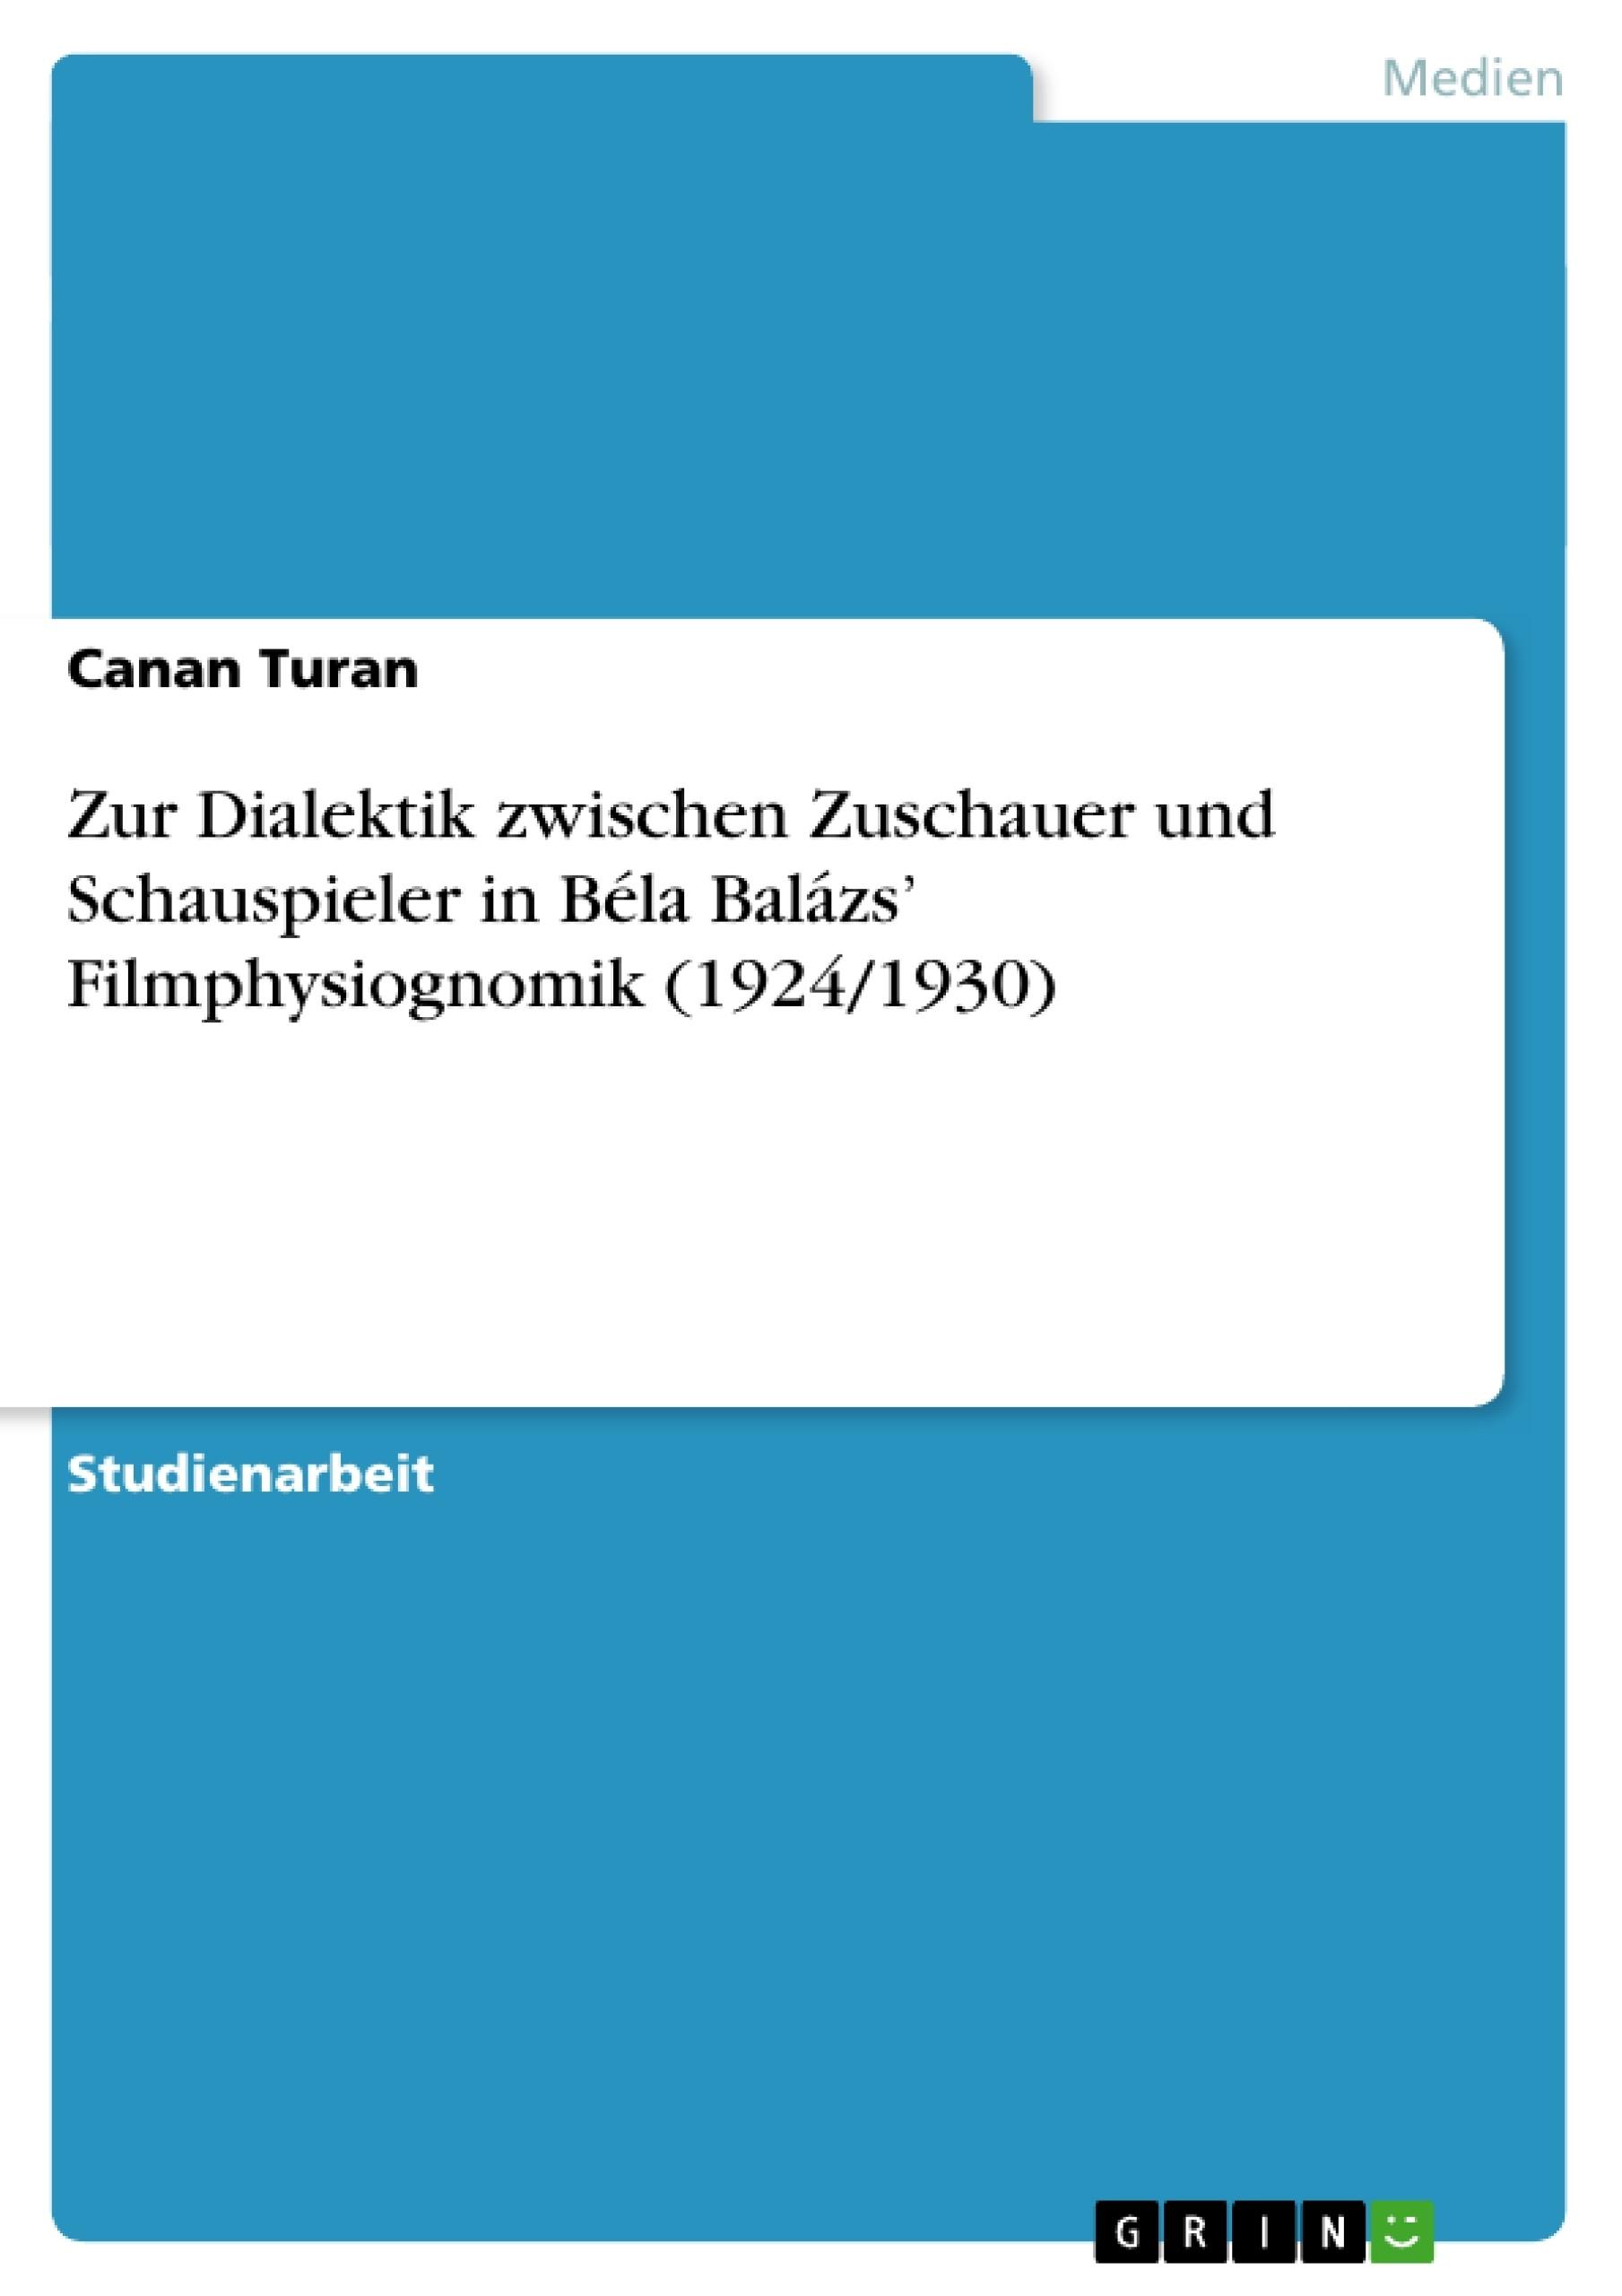 Titel: Zur Dialektik zwischen Zuschauer und Schauspieler in Béla Balázs' Filmphysiognomik (1924/1930)